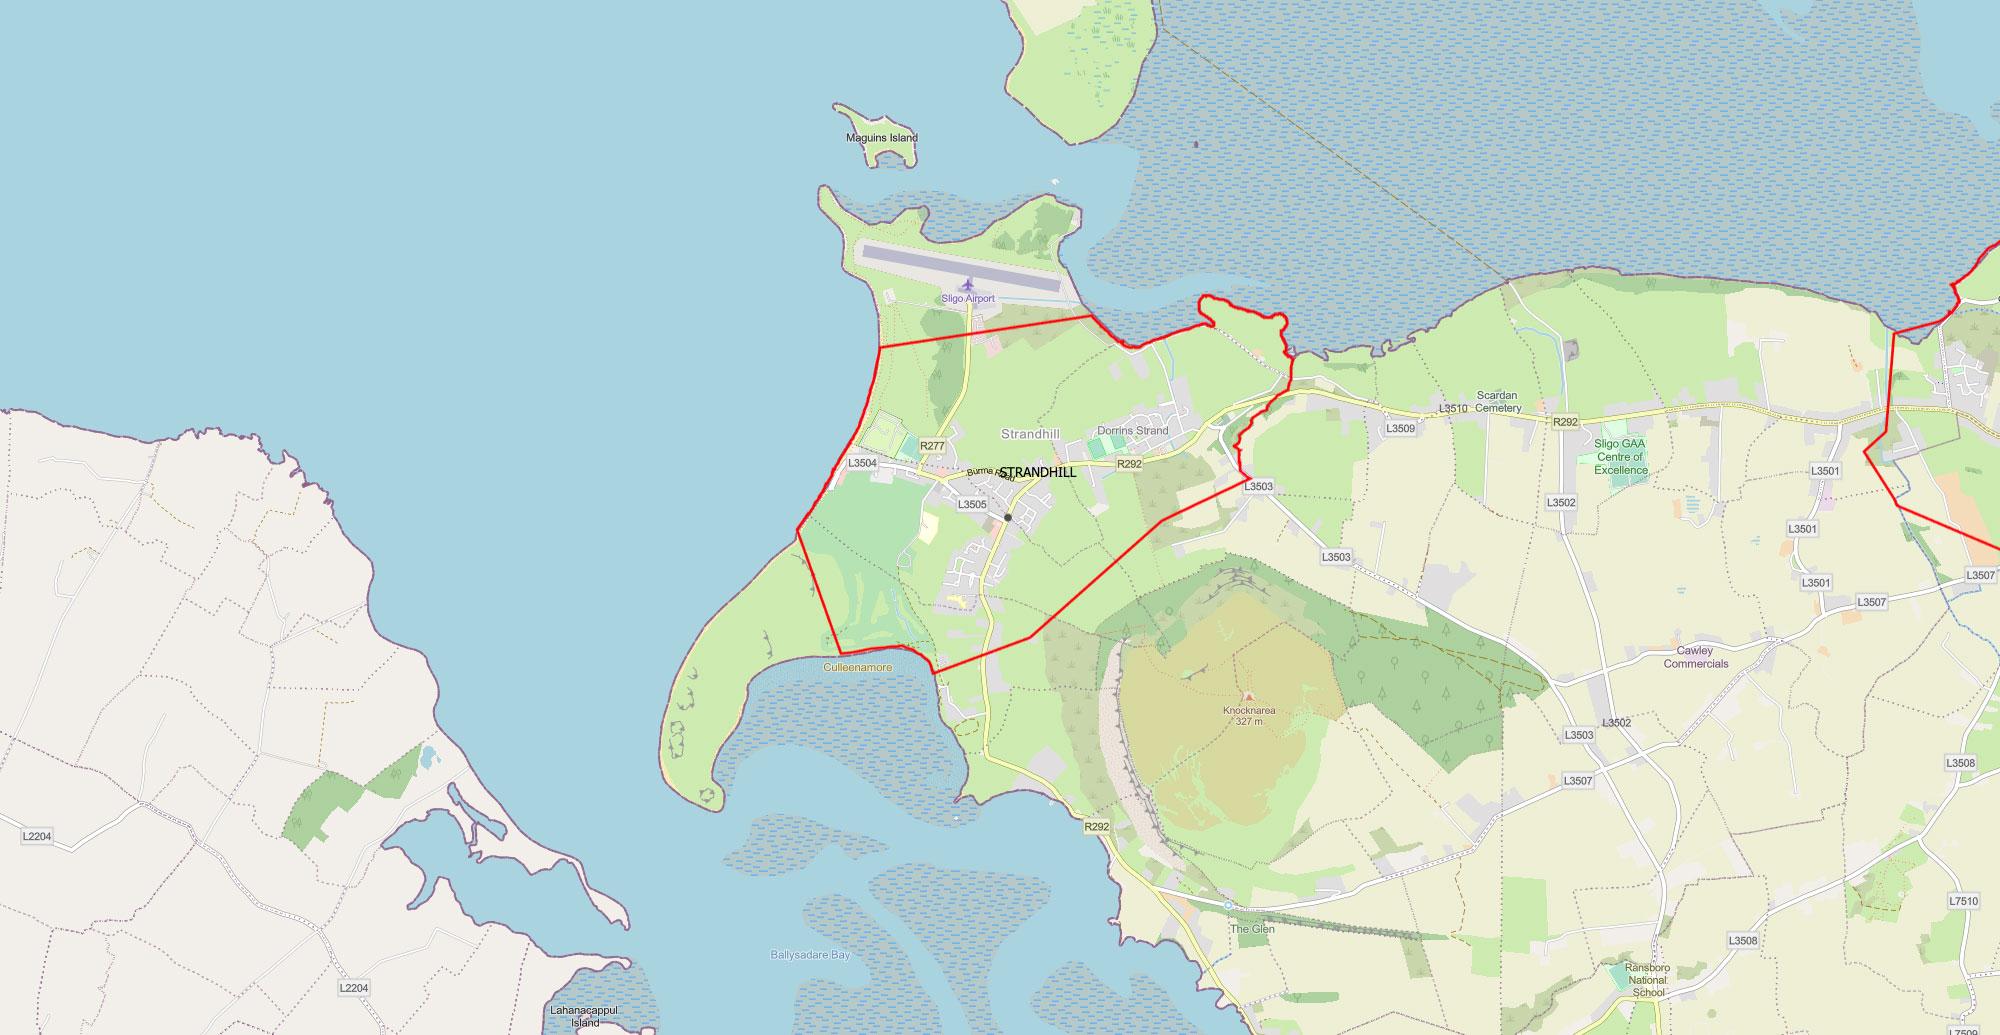 solar-panels-strandhill-sligo-ireland-map-img